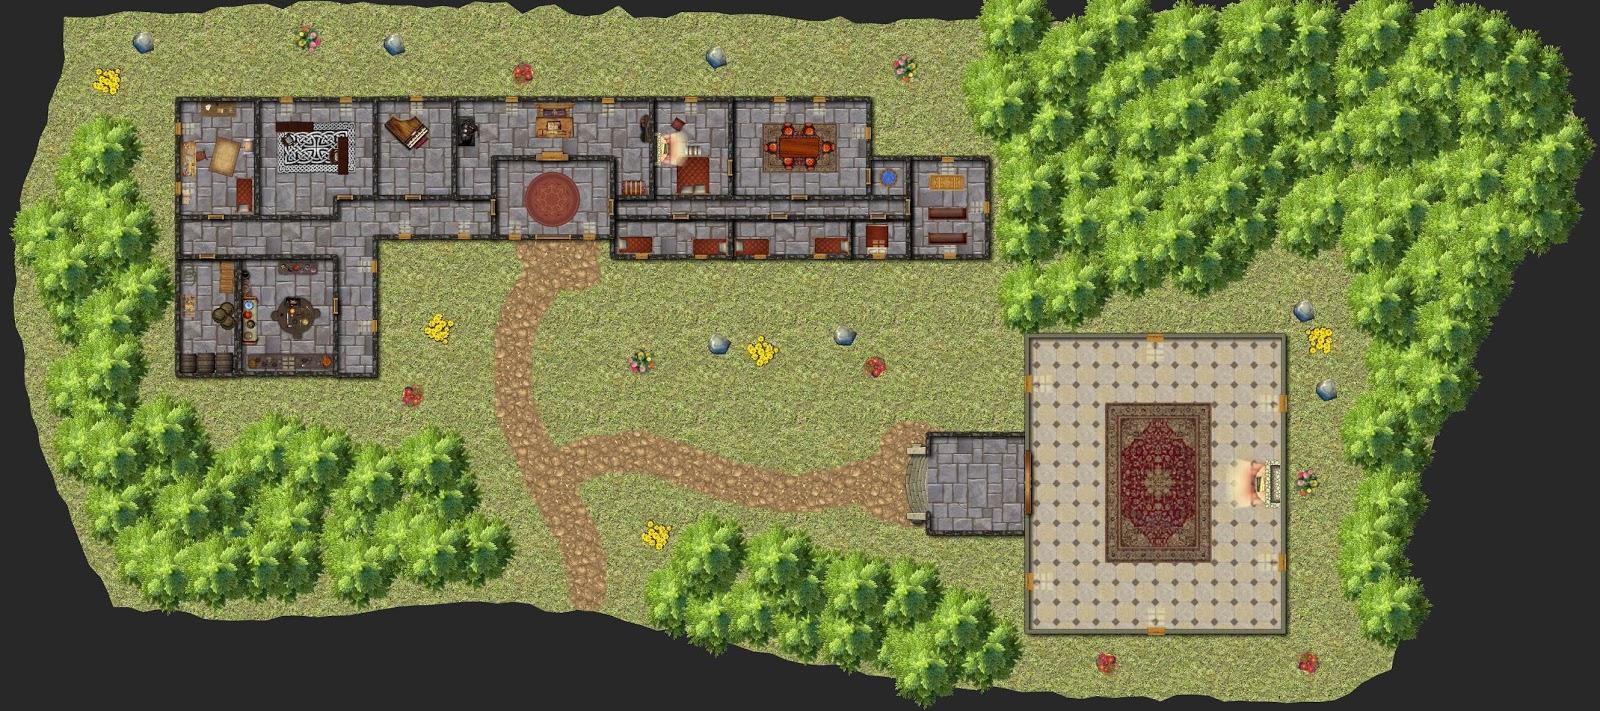 Aventura de nivel 1 para Dungeons & Dragons - Ladrones de Sueños - Mansión Gobernador